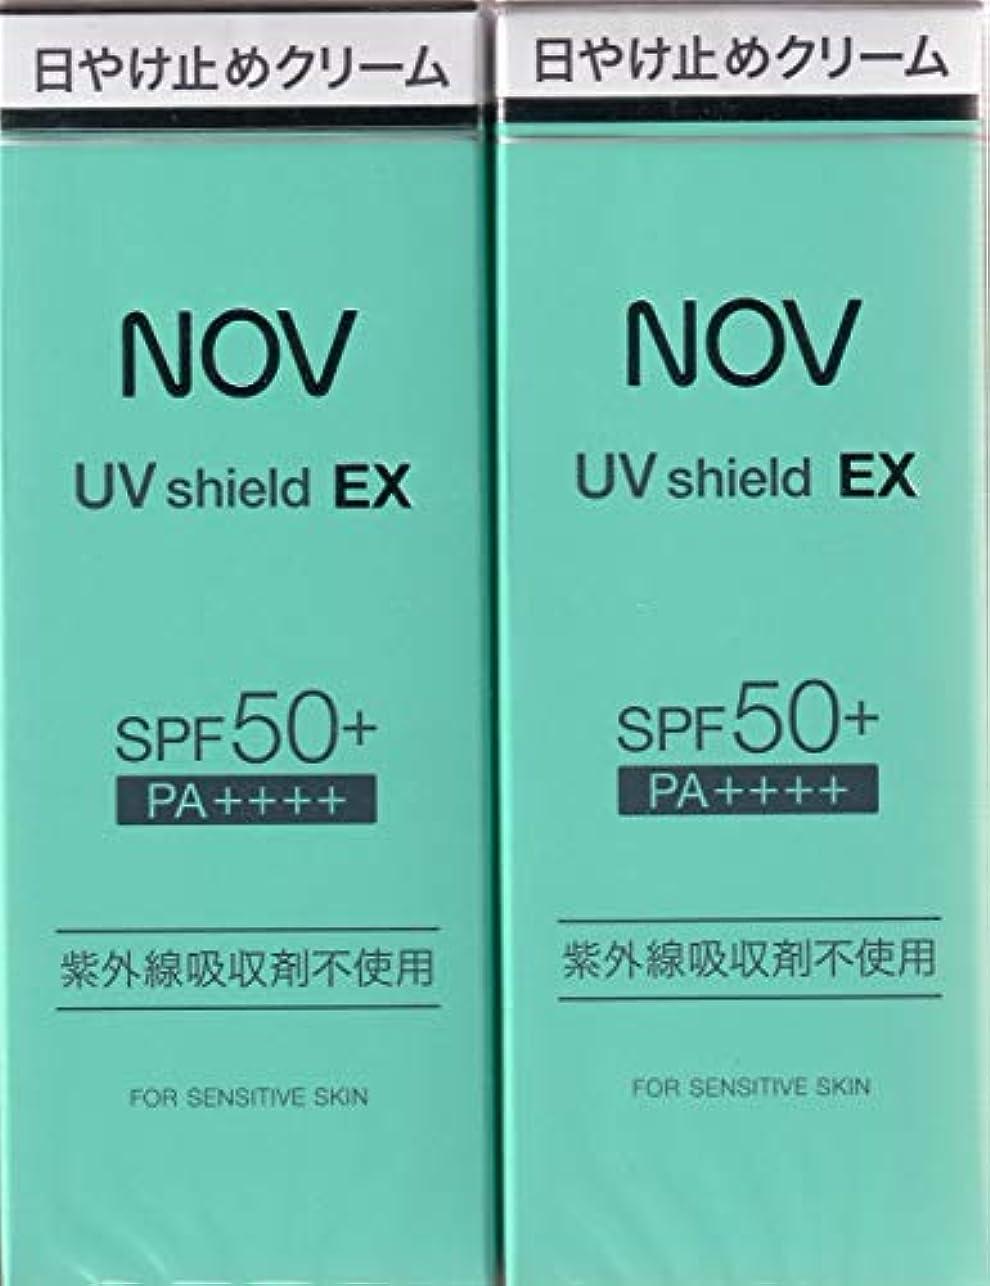 応用ミント著名なノブ UVシールドEX 30g?2本セット